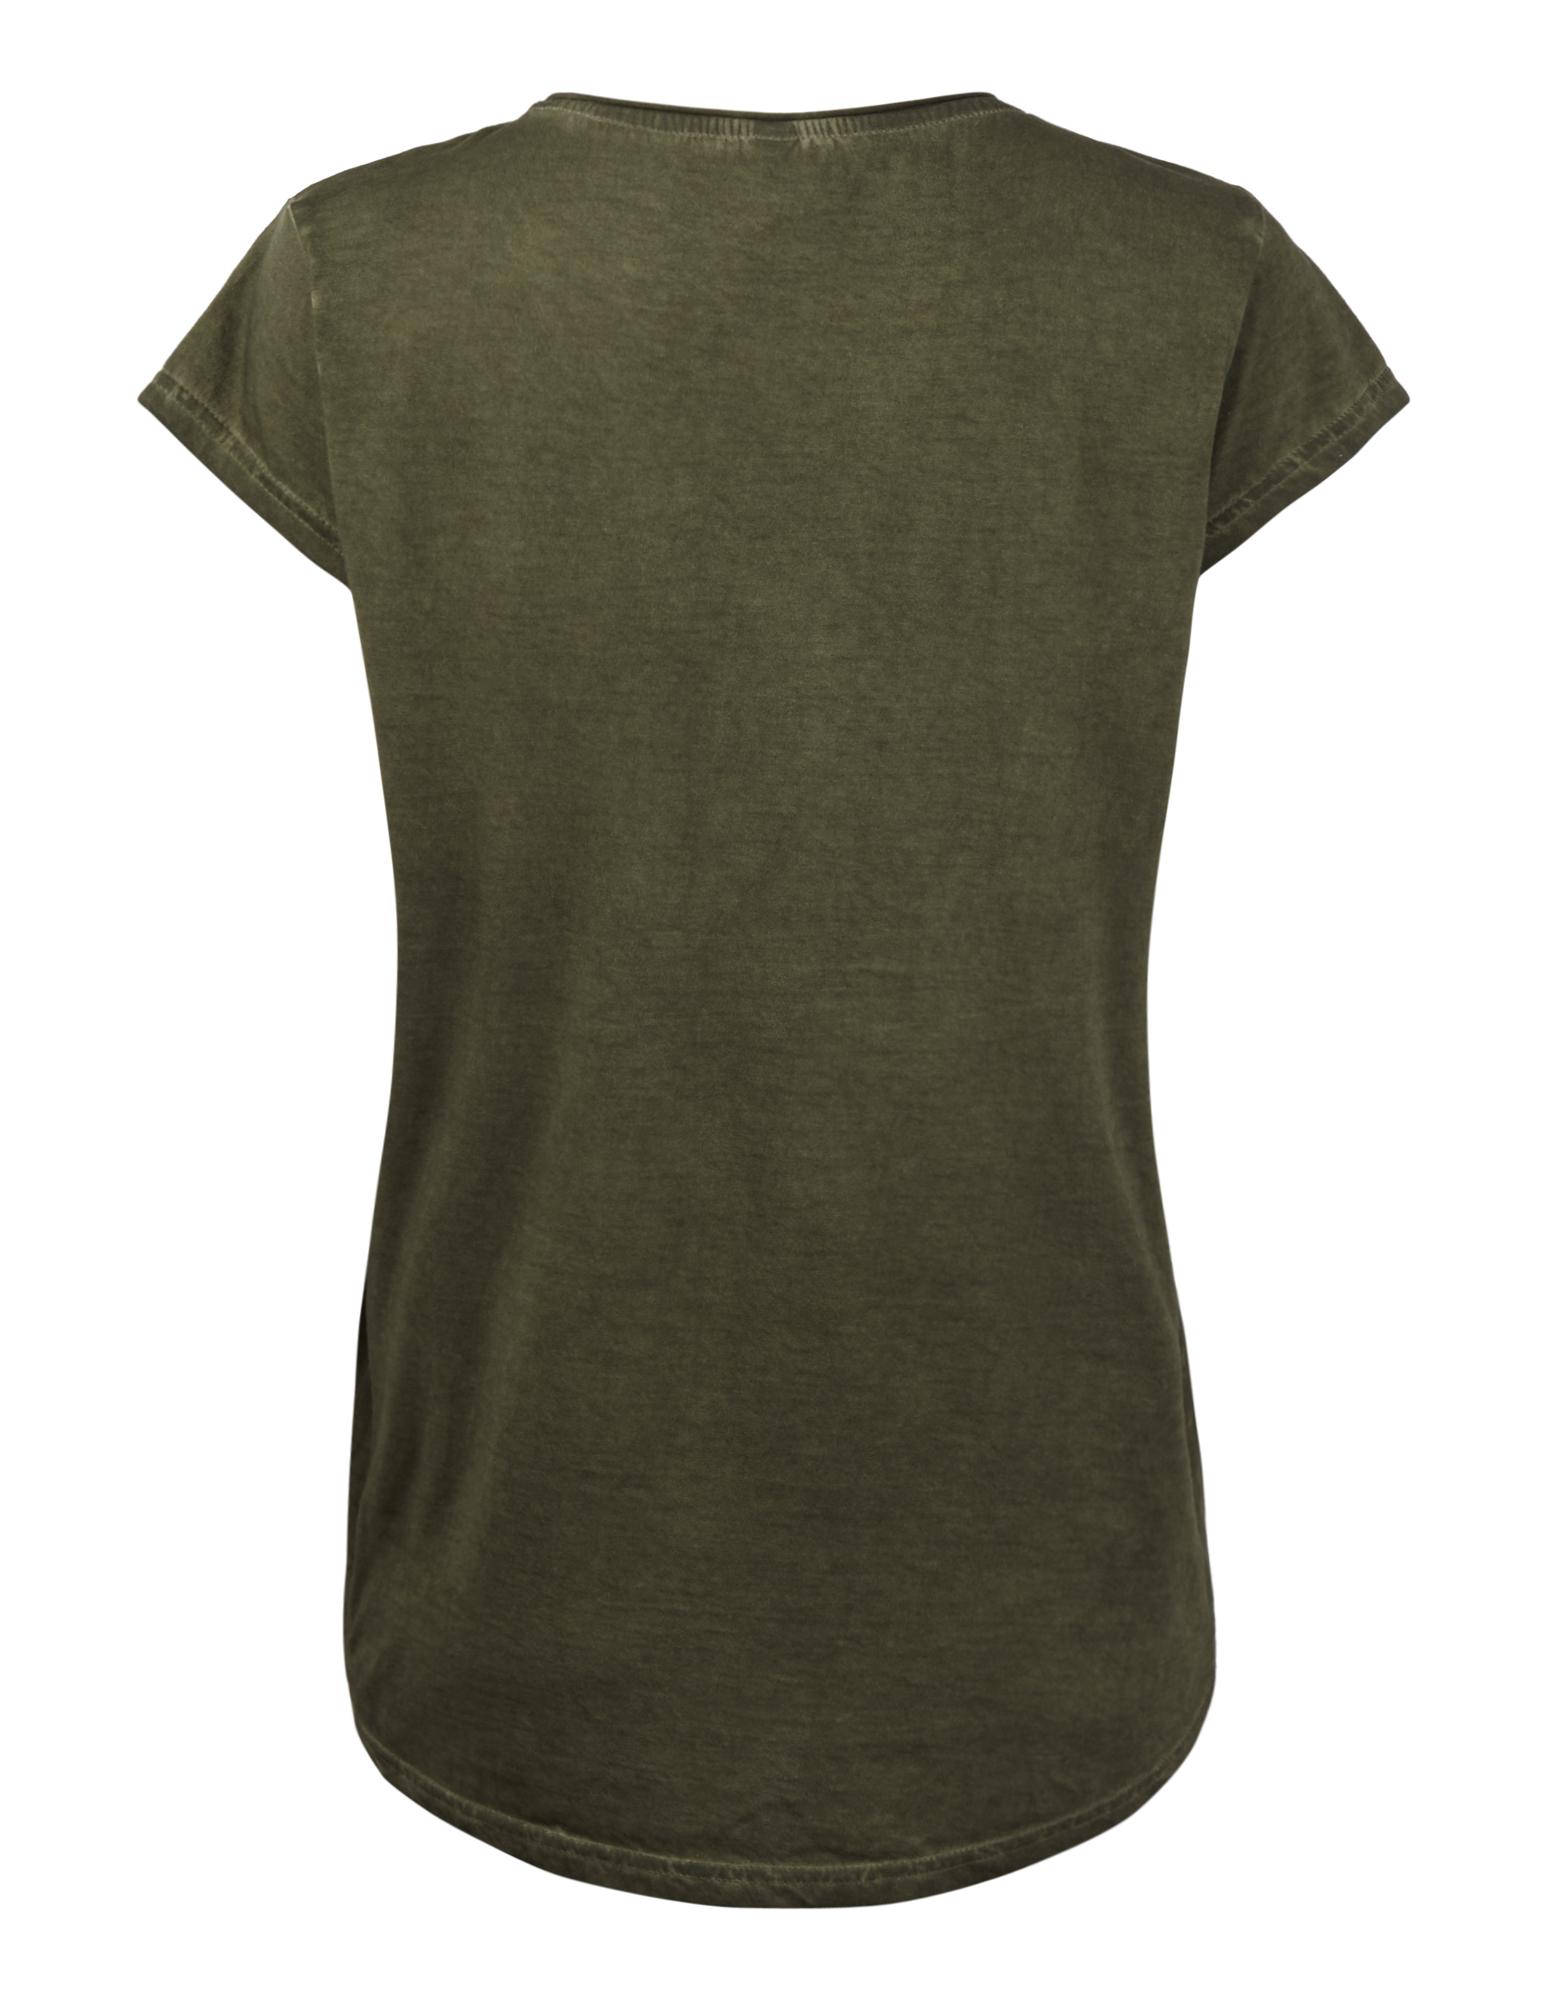 damen shirt mit stern aus wende pailletten takko fashion. Black Bedroom Furniture Sets. Home Design Ideas